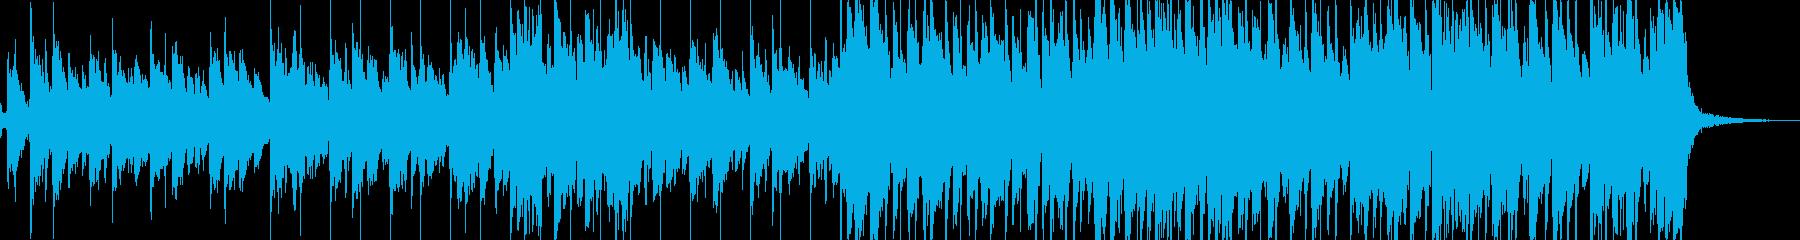 スライドバーを使ったアコギのブルース曲 の再生済みの波形